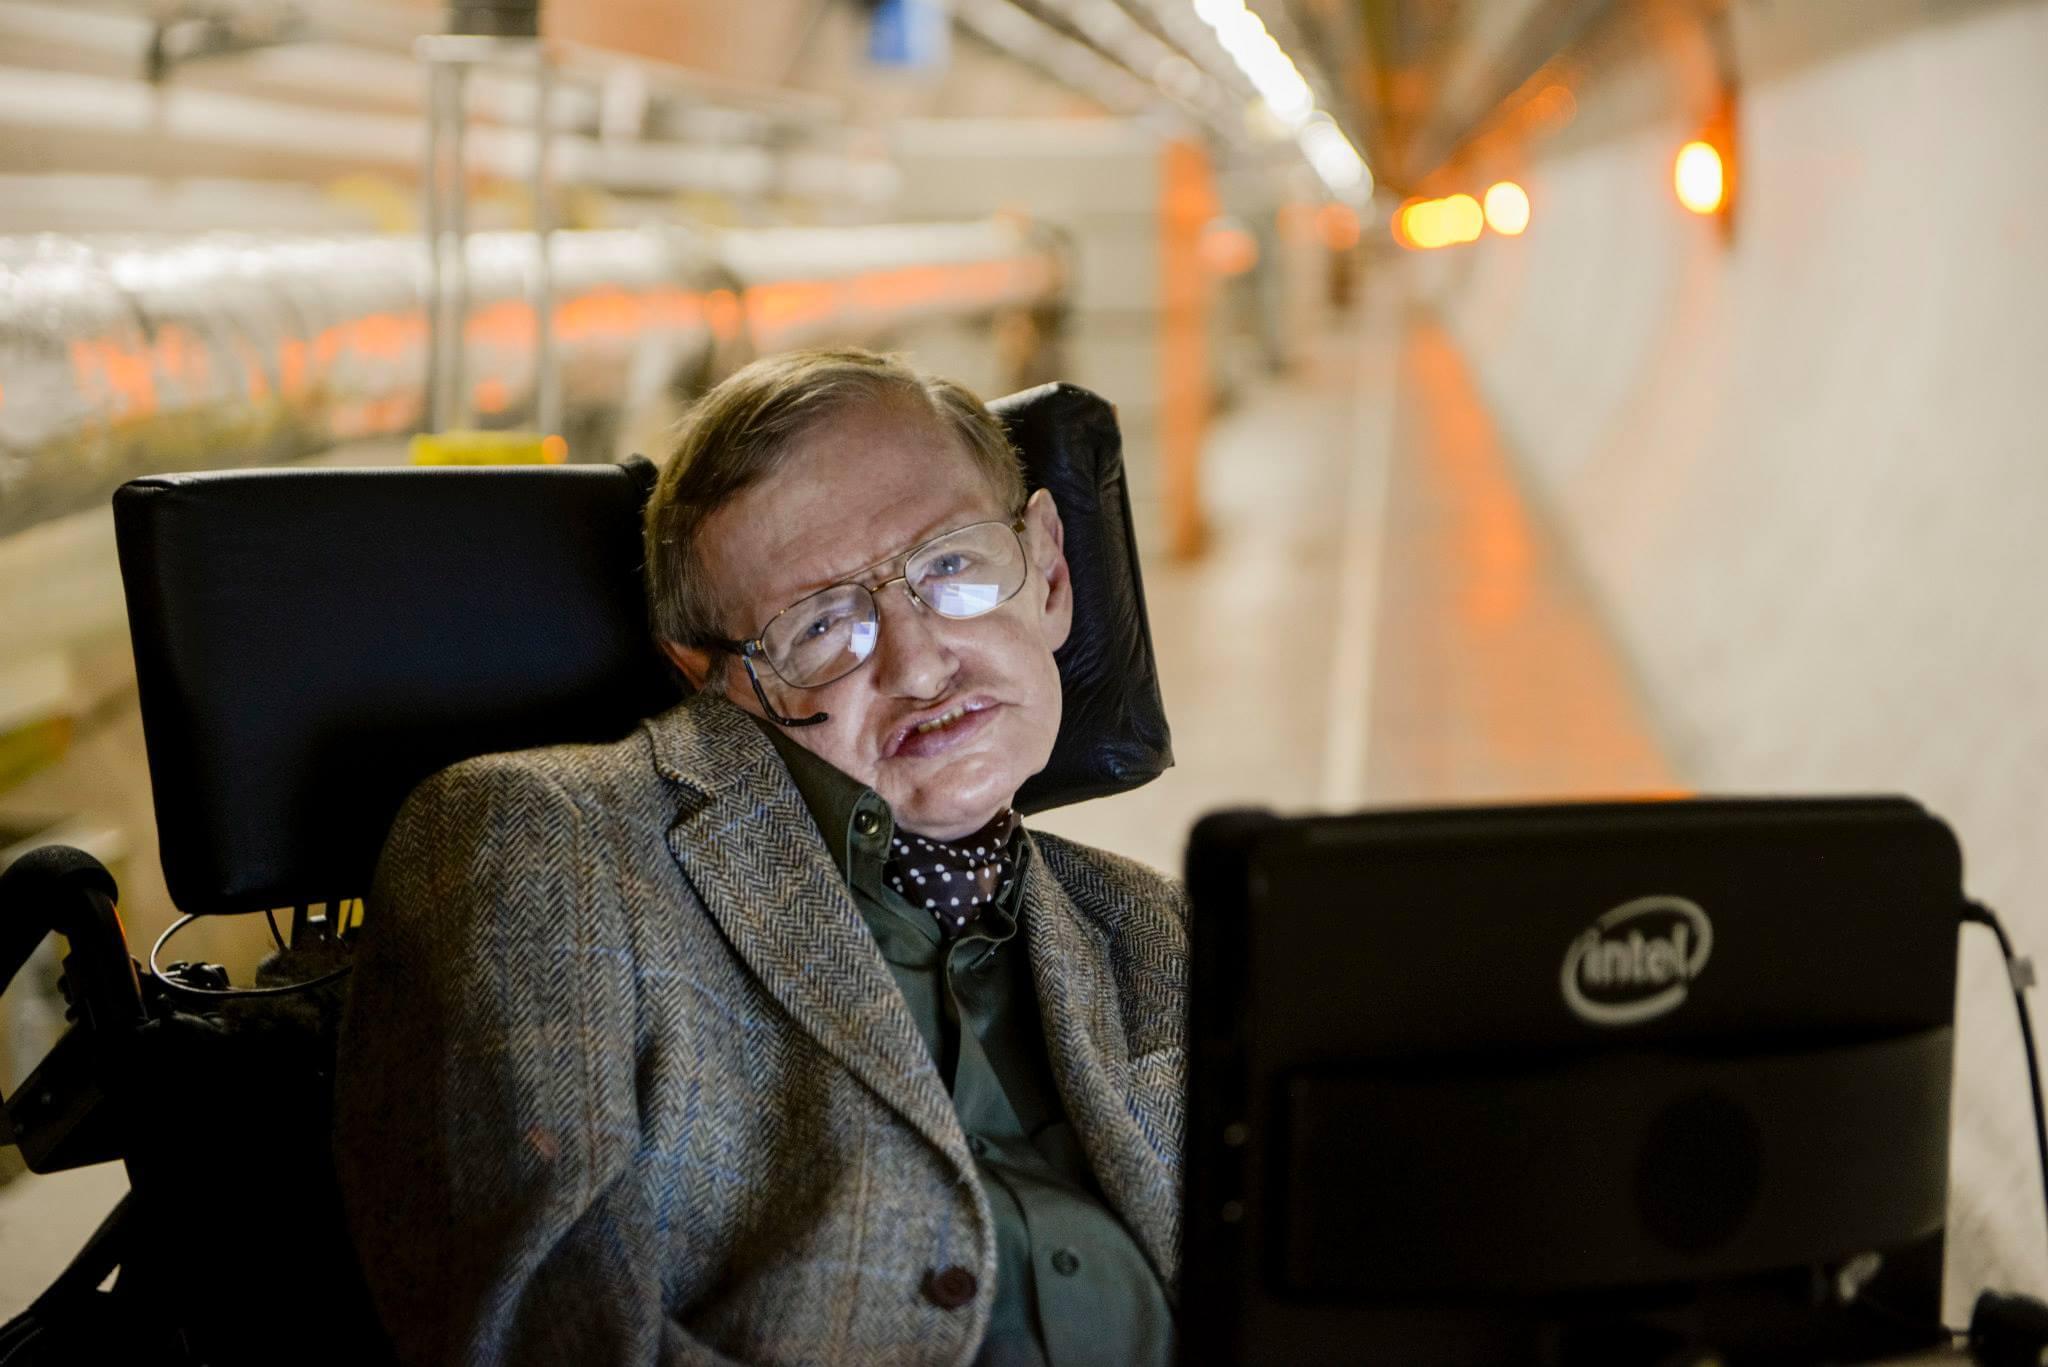 Stephen Hawking at Cern